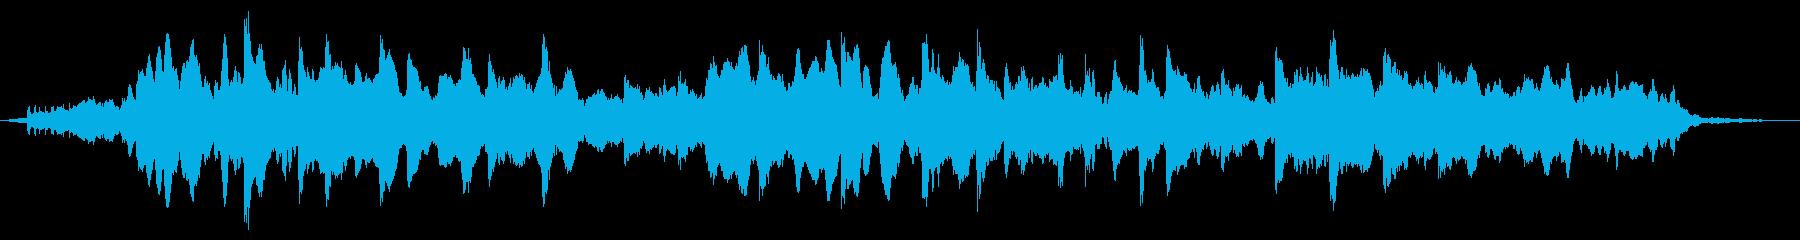 ピアノとストリングスによる癒し系BGMの再生済みの波形